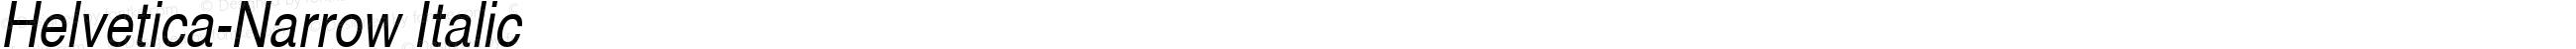 Nimbus Sans L Regular Condensed Italic